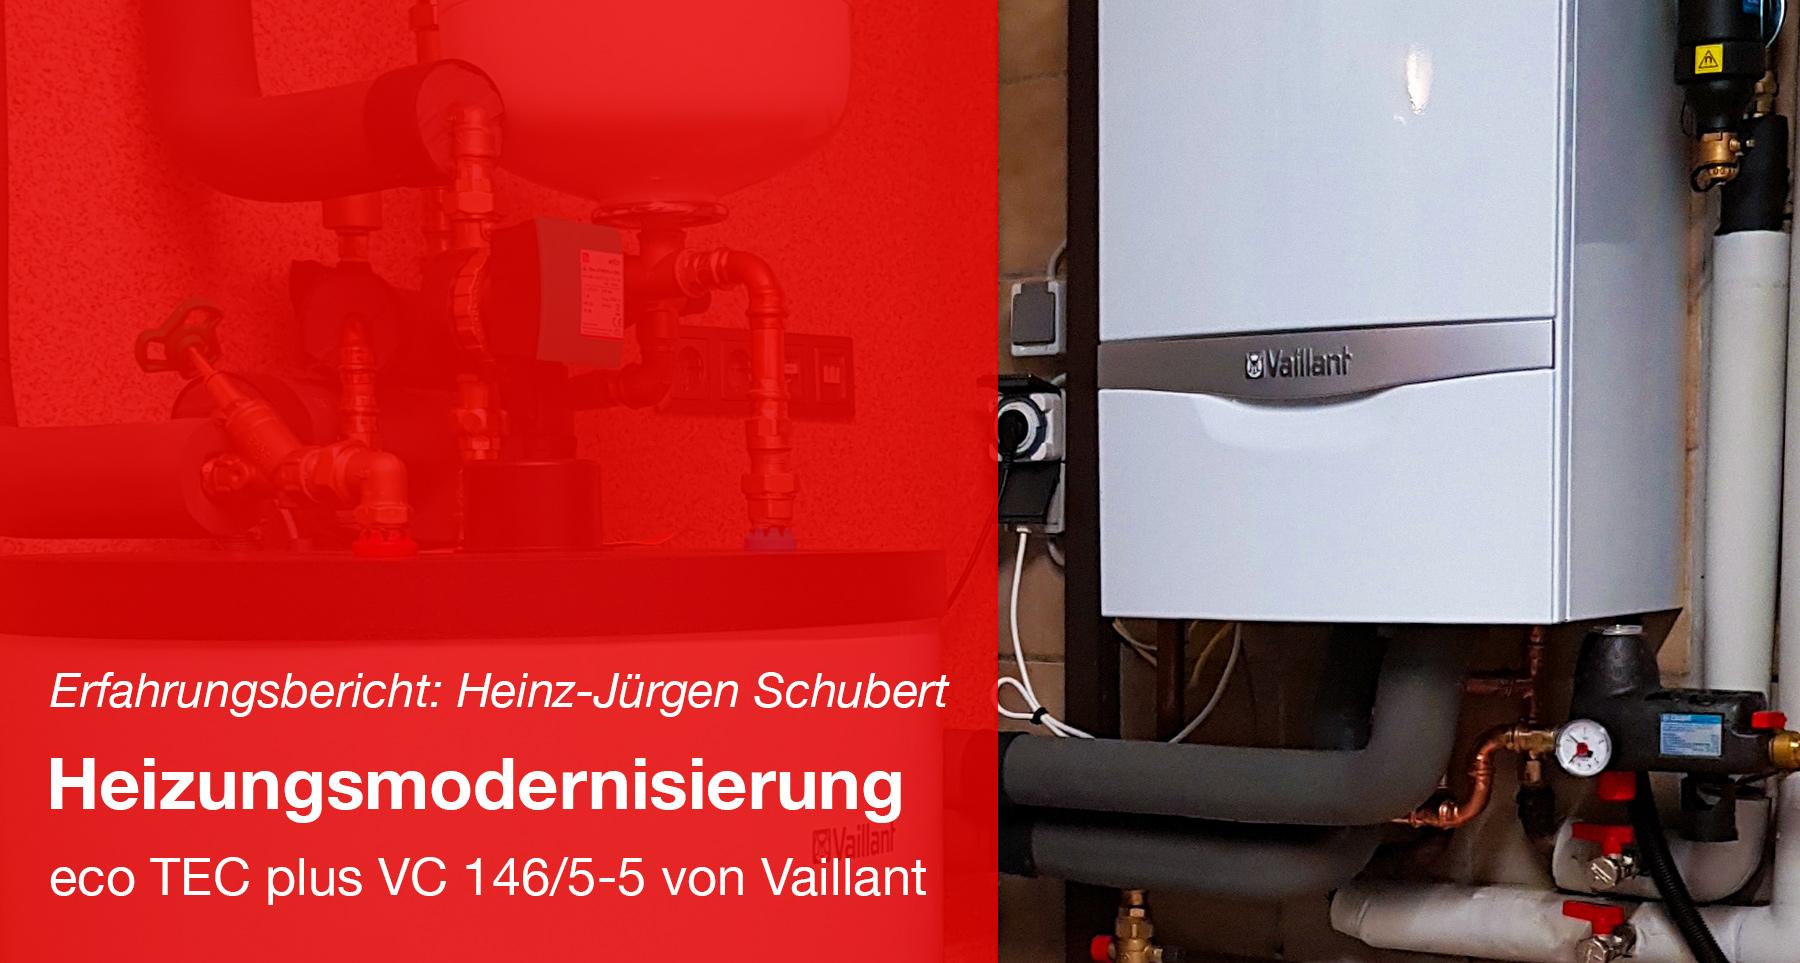 Modernisierung der Heizung - eco TEC plus VC 146/5-5 von Vaillant